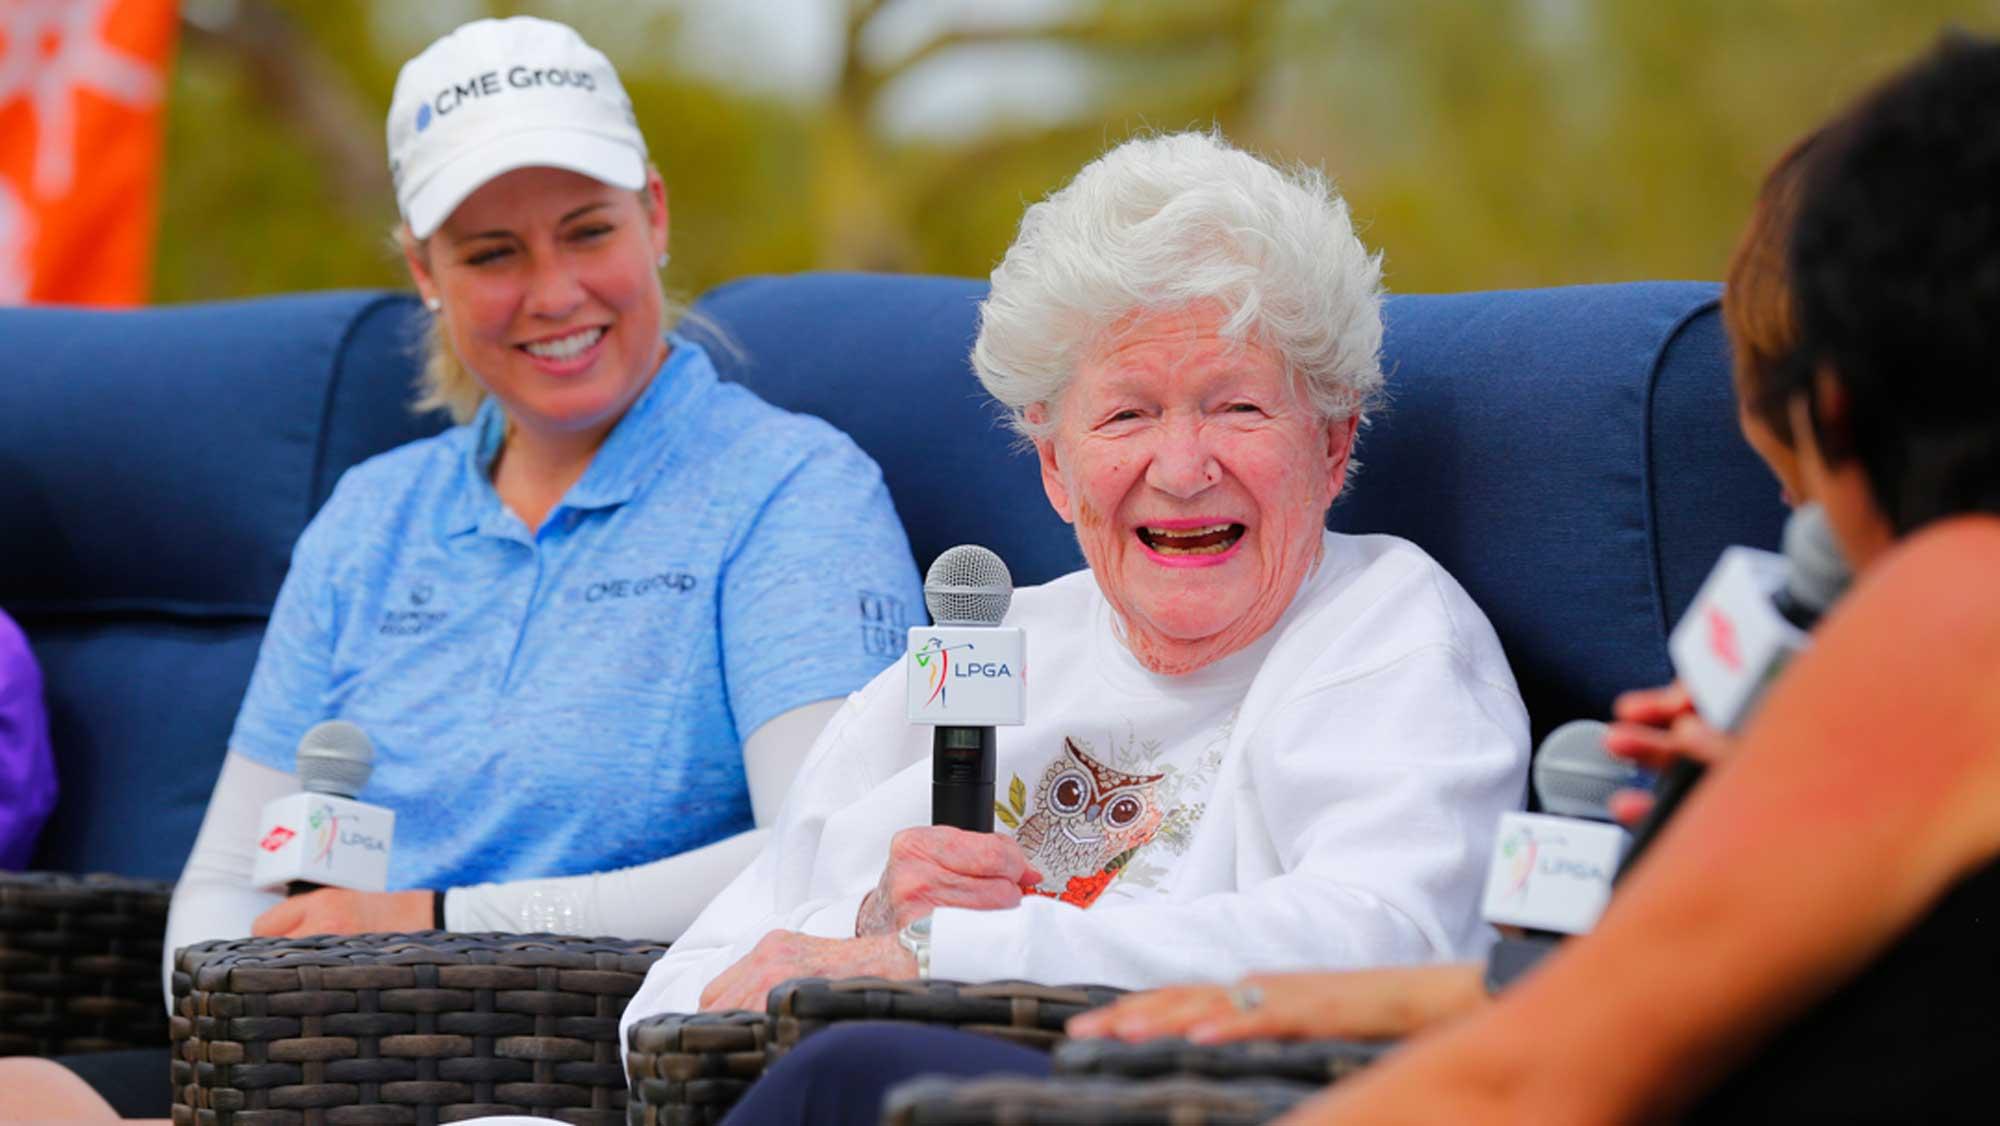 Marilynn Smith © LPGA Tour